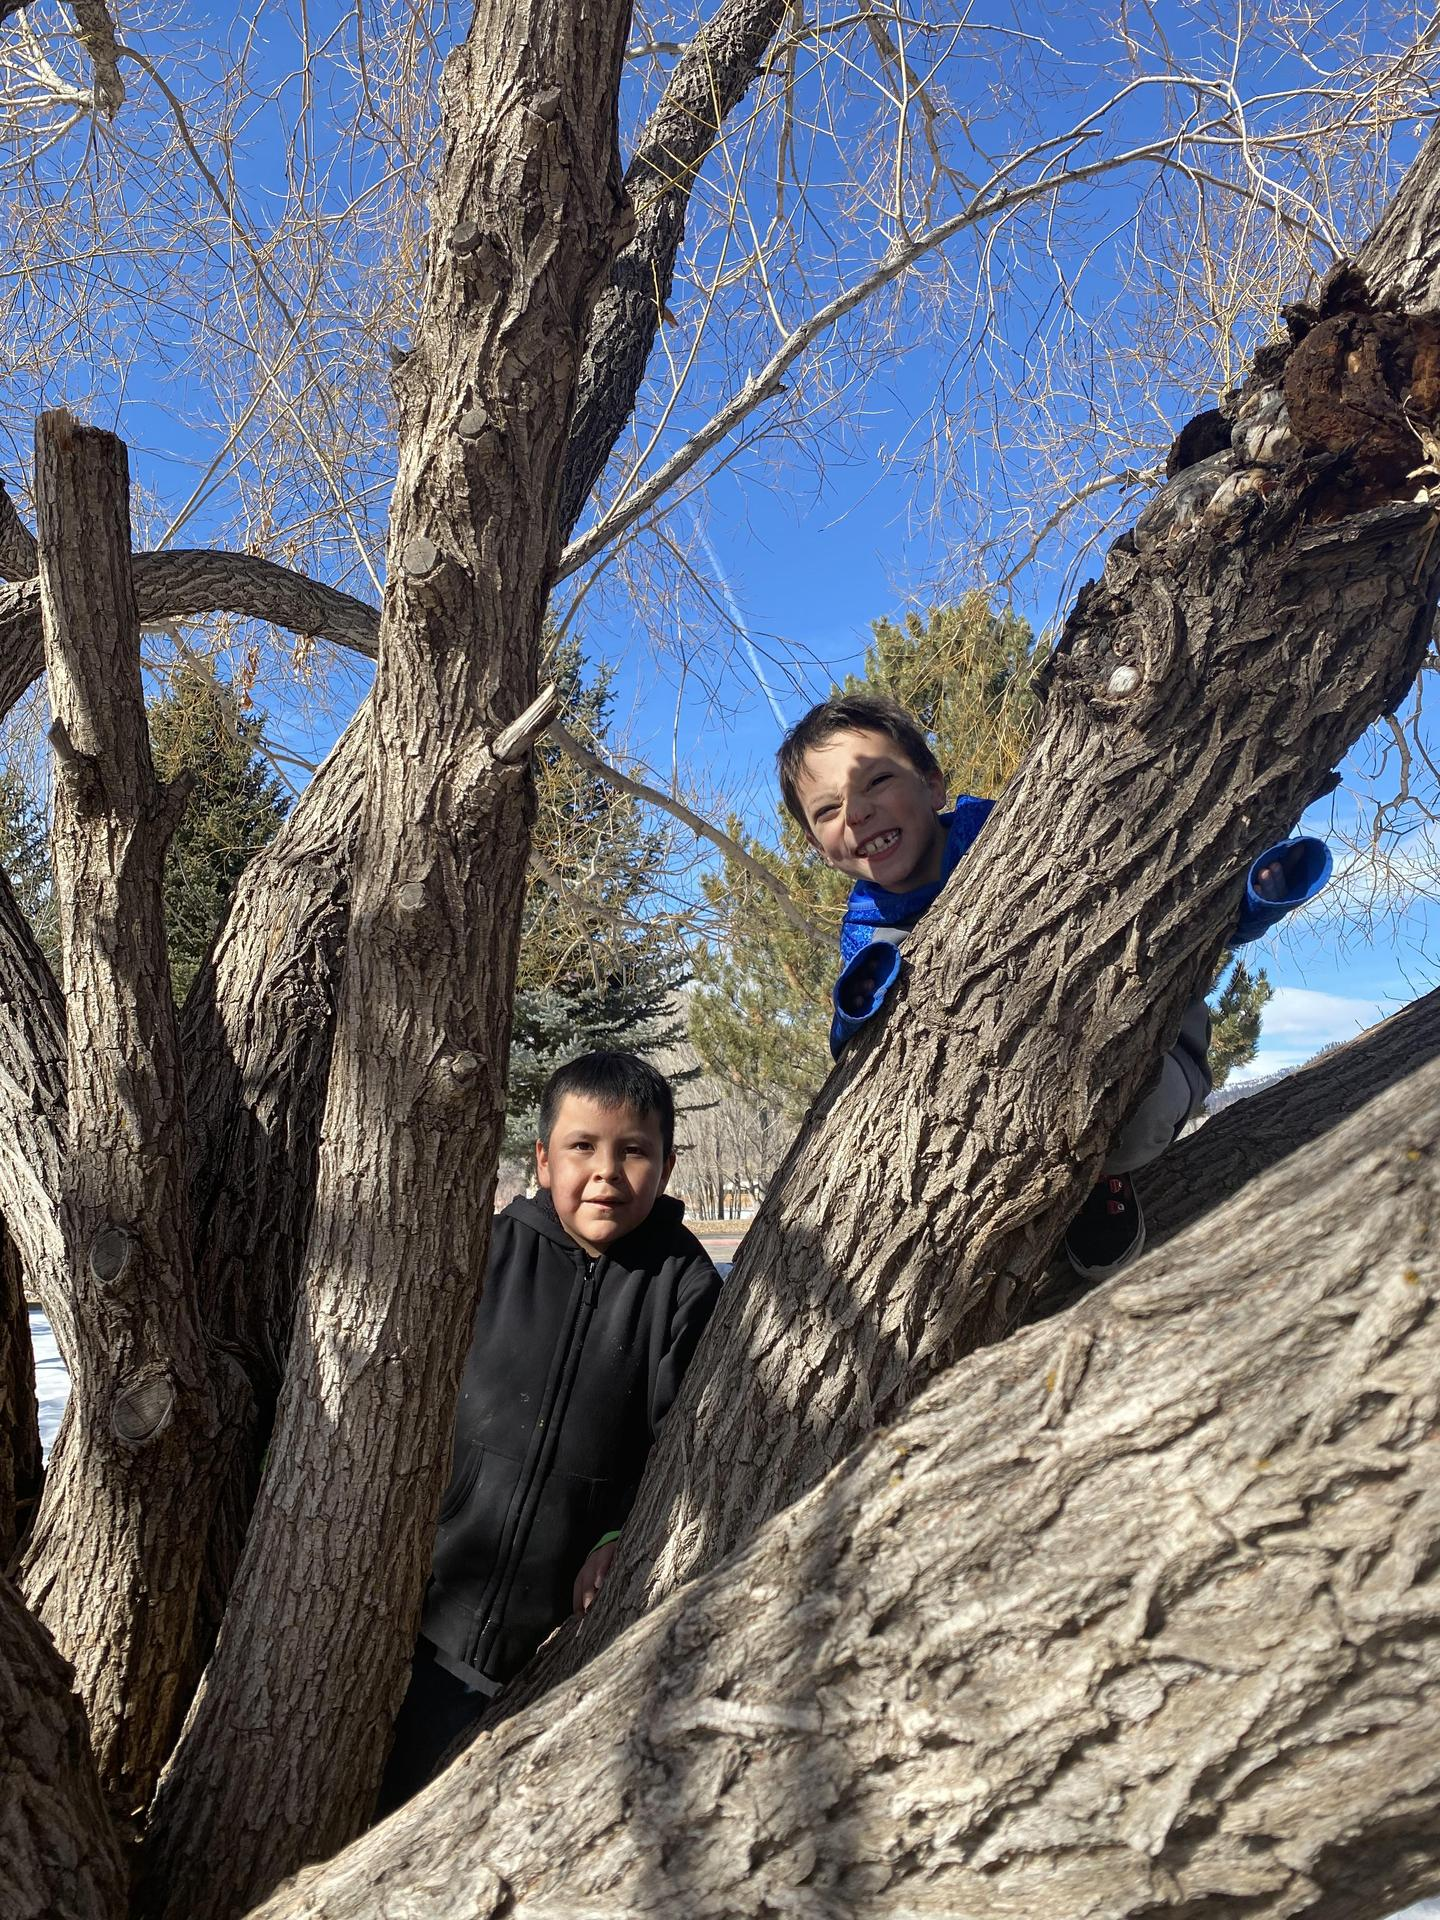 2 kids in a tree